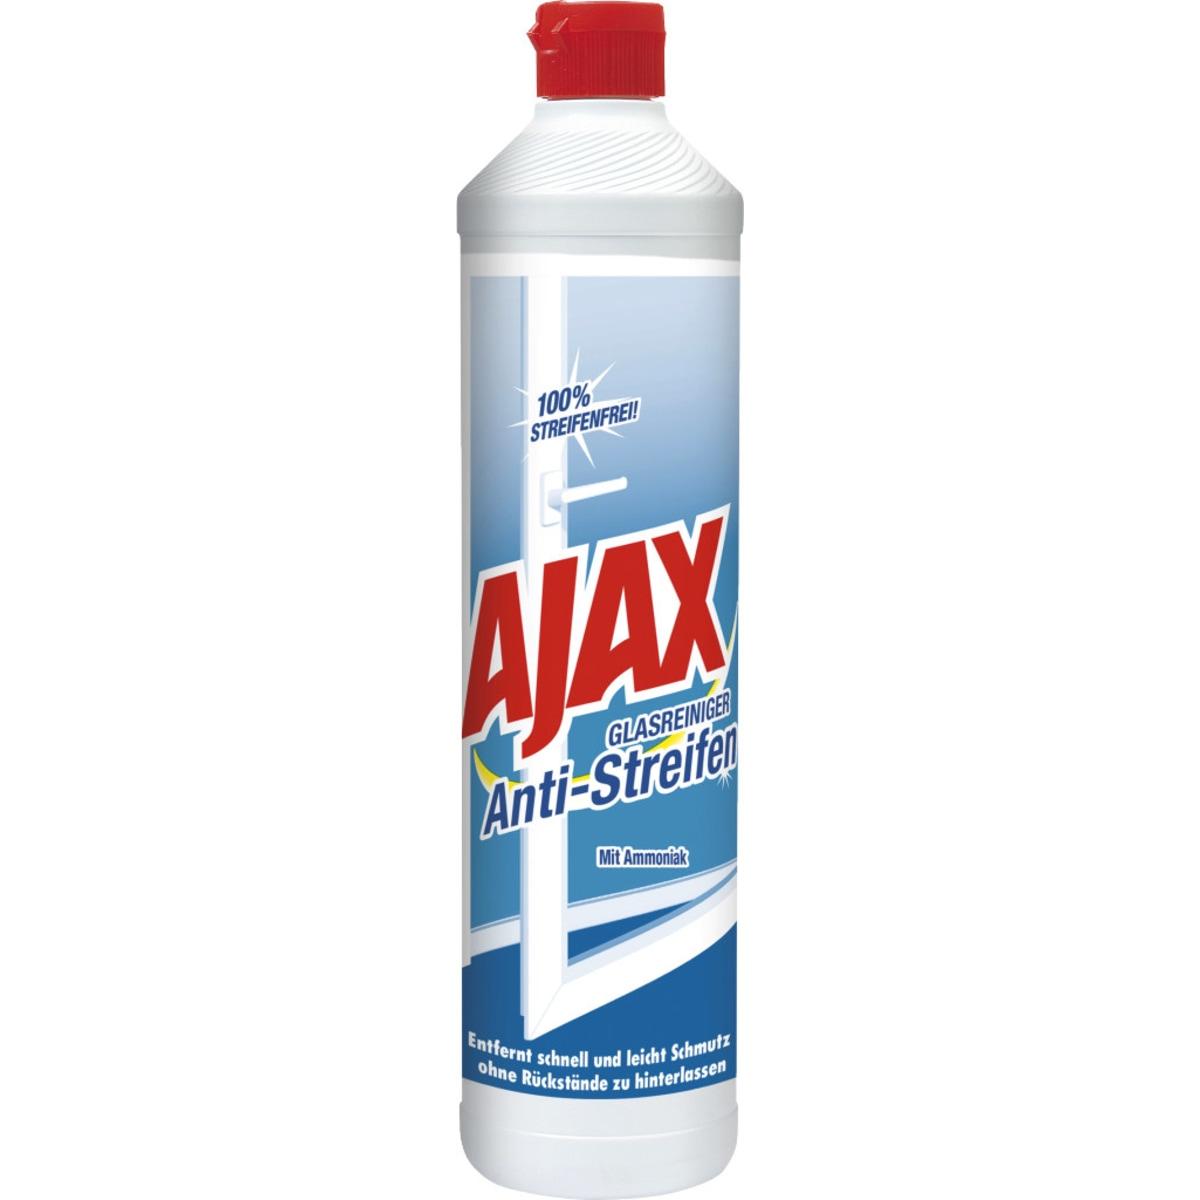 Ajax Glas&Flaechen Anti-Streifen